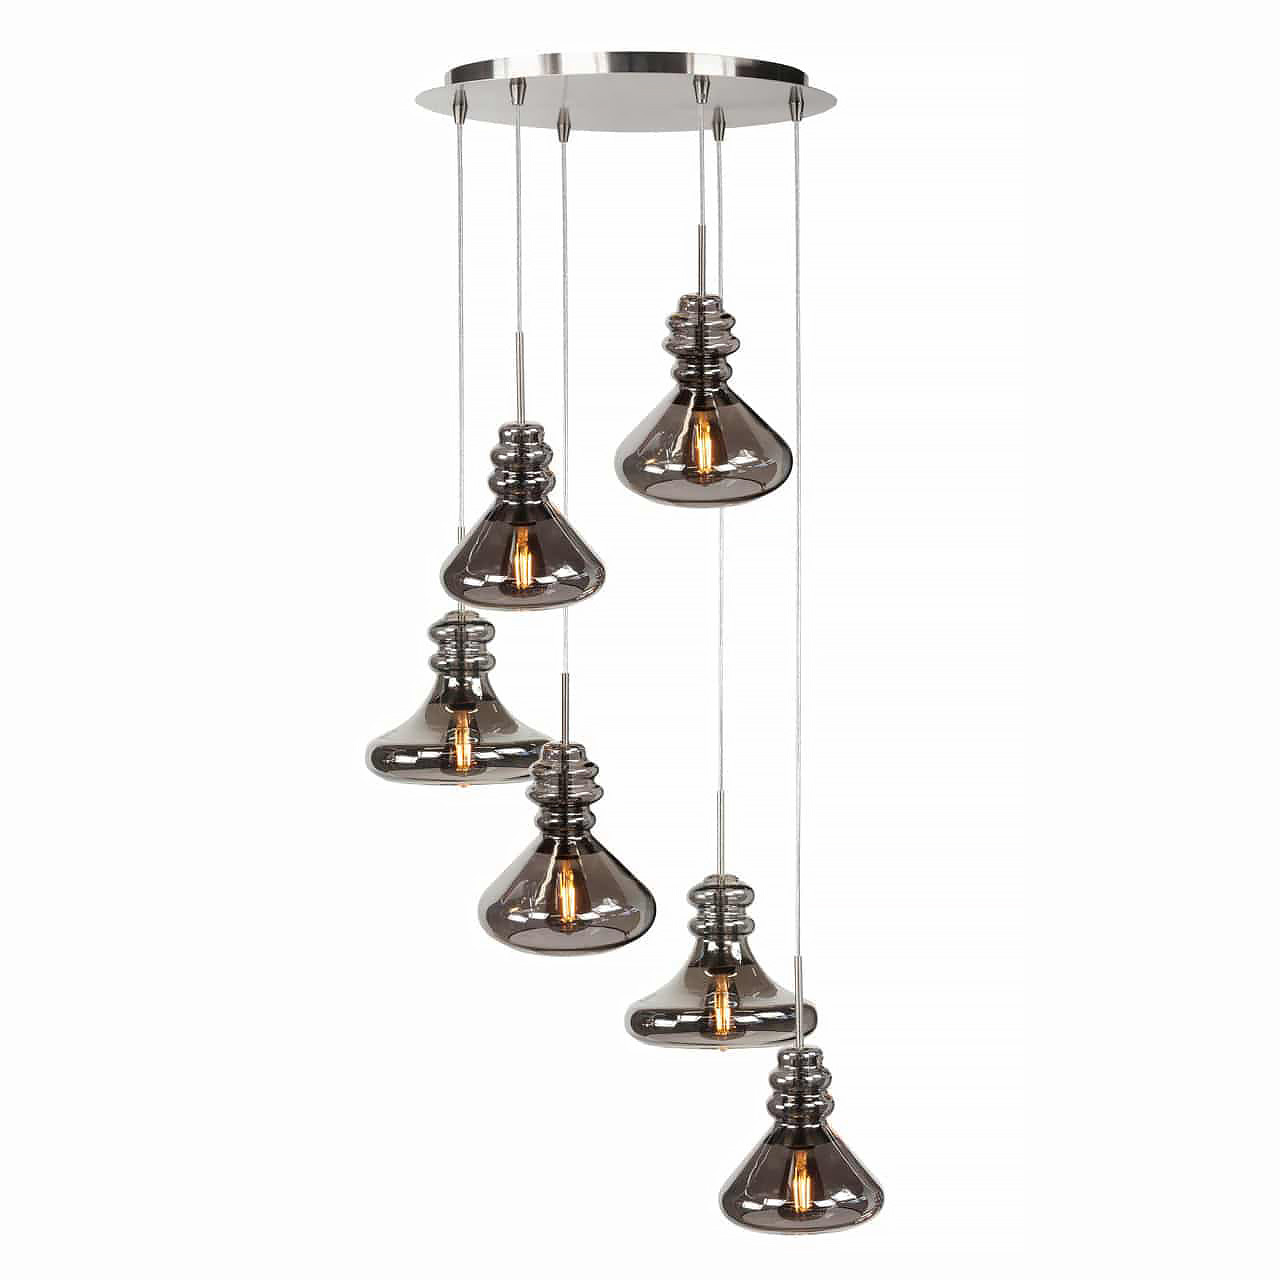 Highlight Hanglamp Astoria 6 lichts Ø 46 cm mat chroom